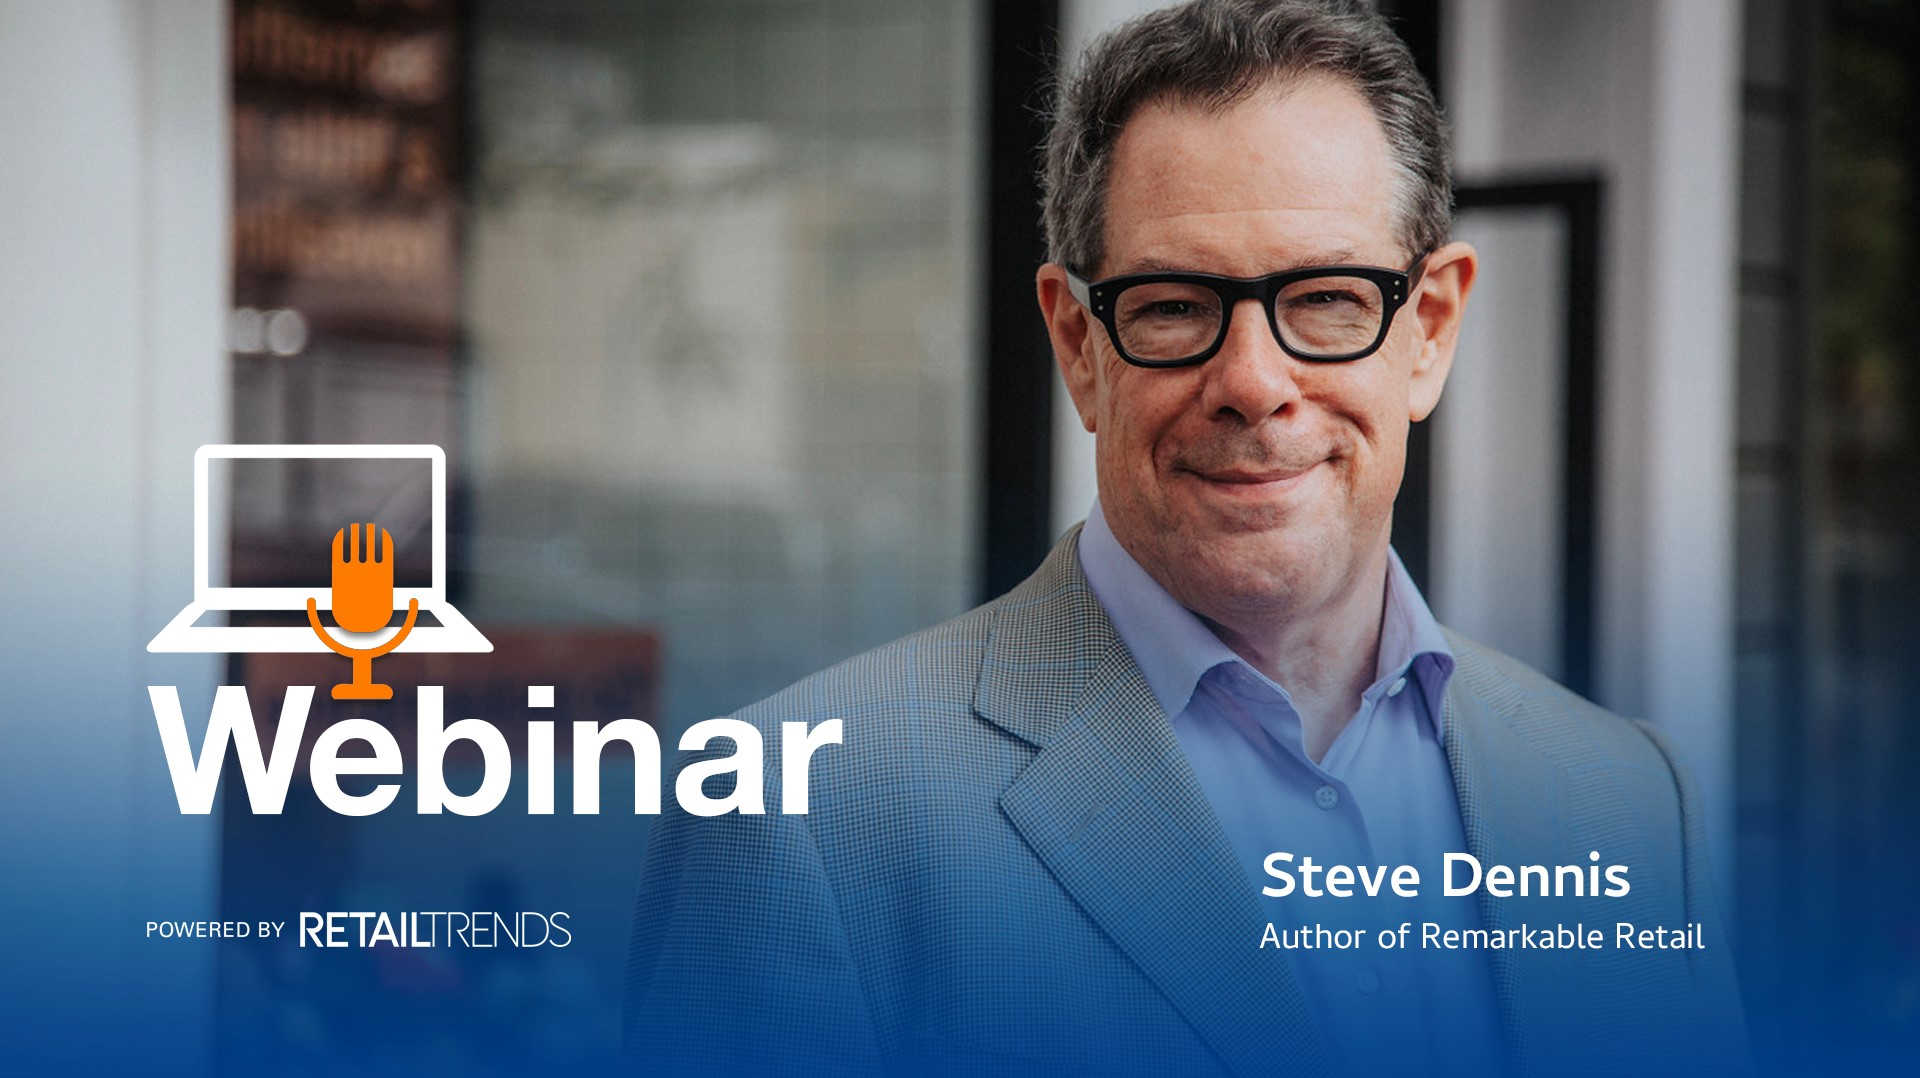 Steve Dennis: Hoe kun je je groei weer aanwakkeren in een tijd van digitale disruptie?